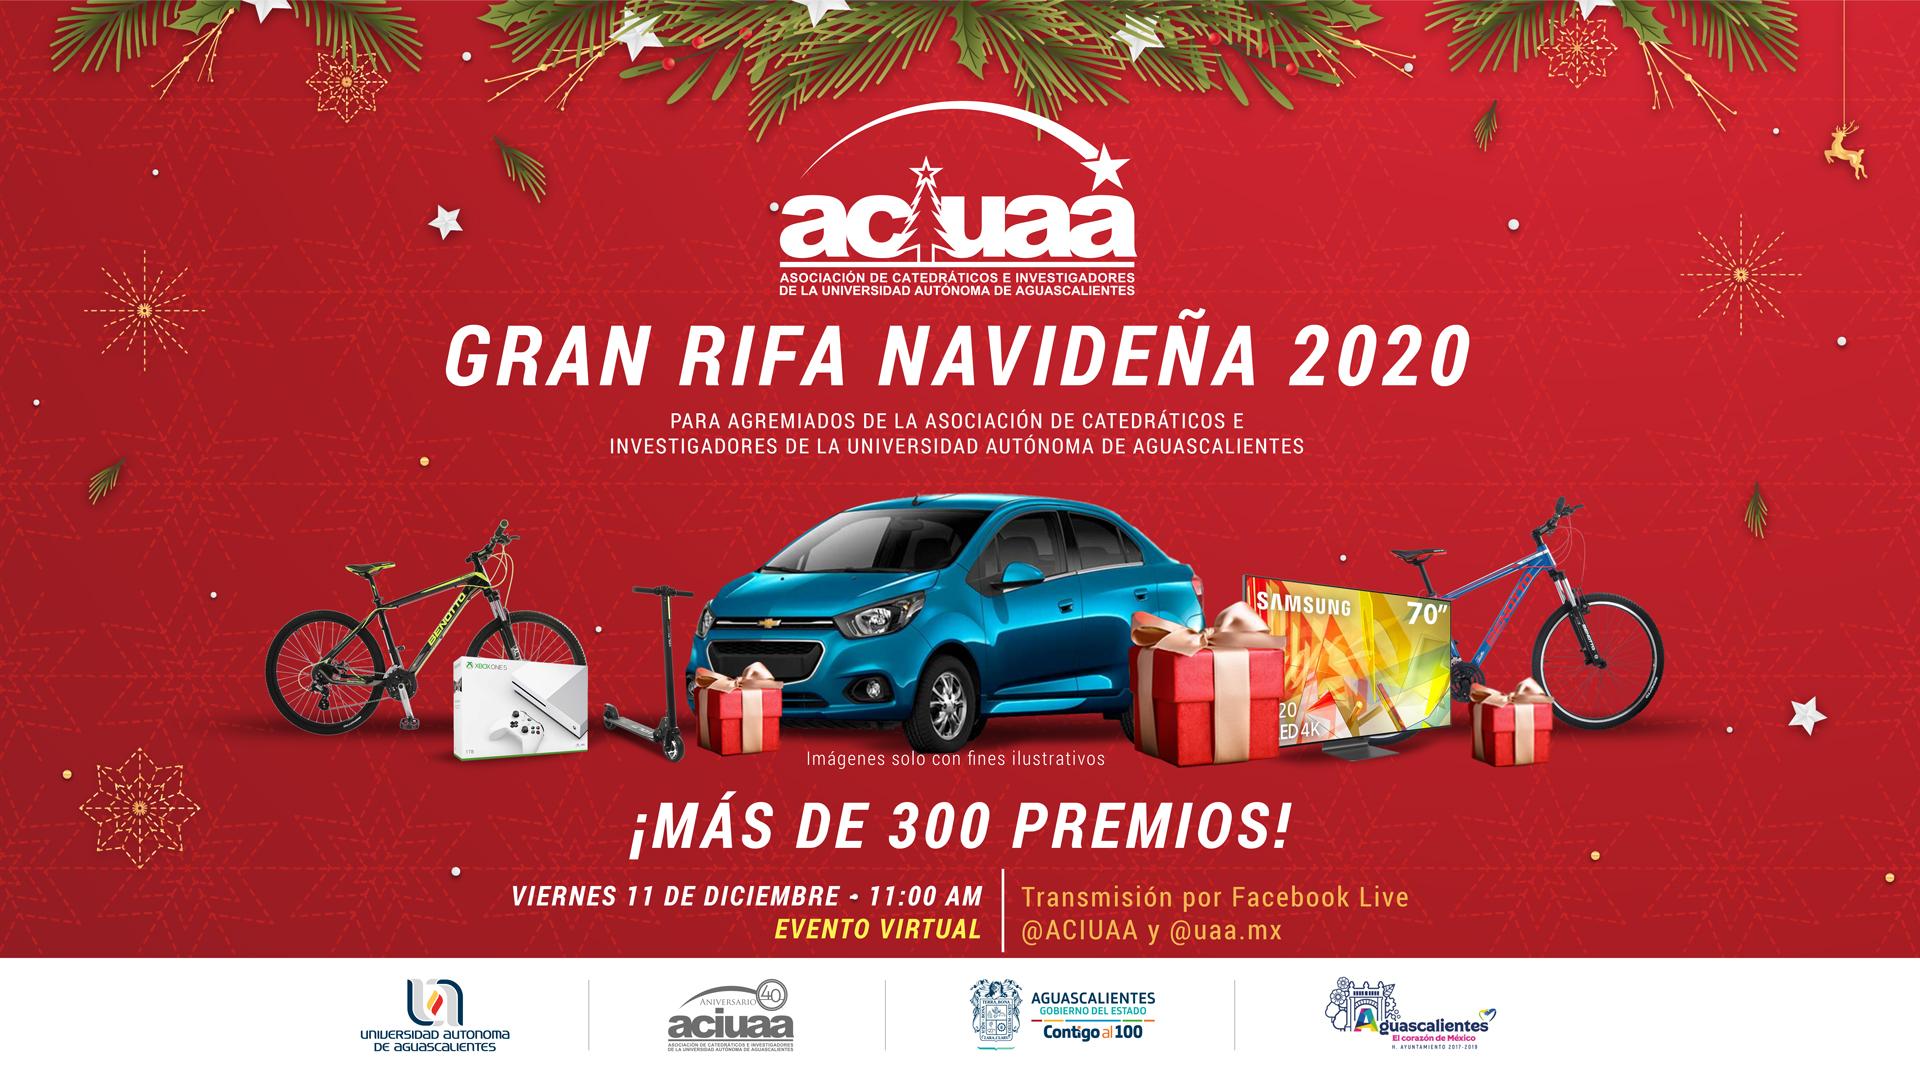 RIFA NAVIDEÑA ACIUAA 2020